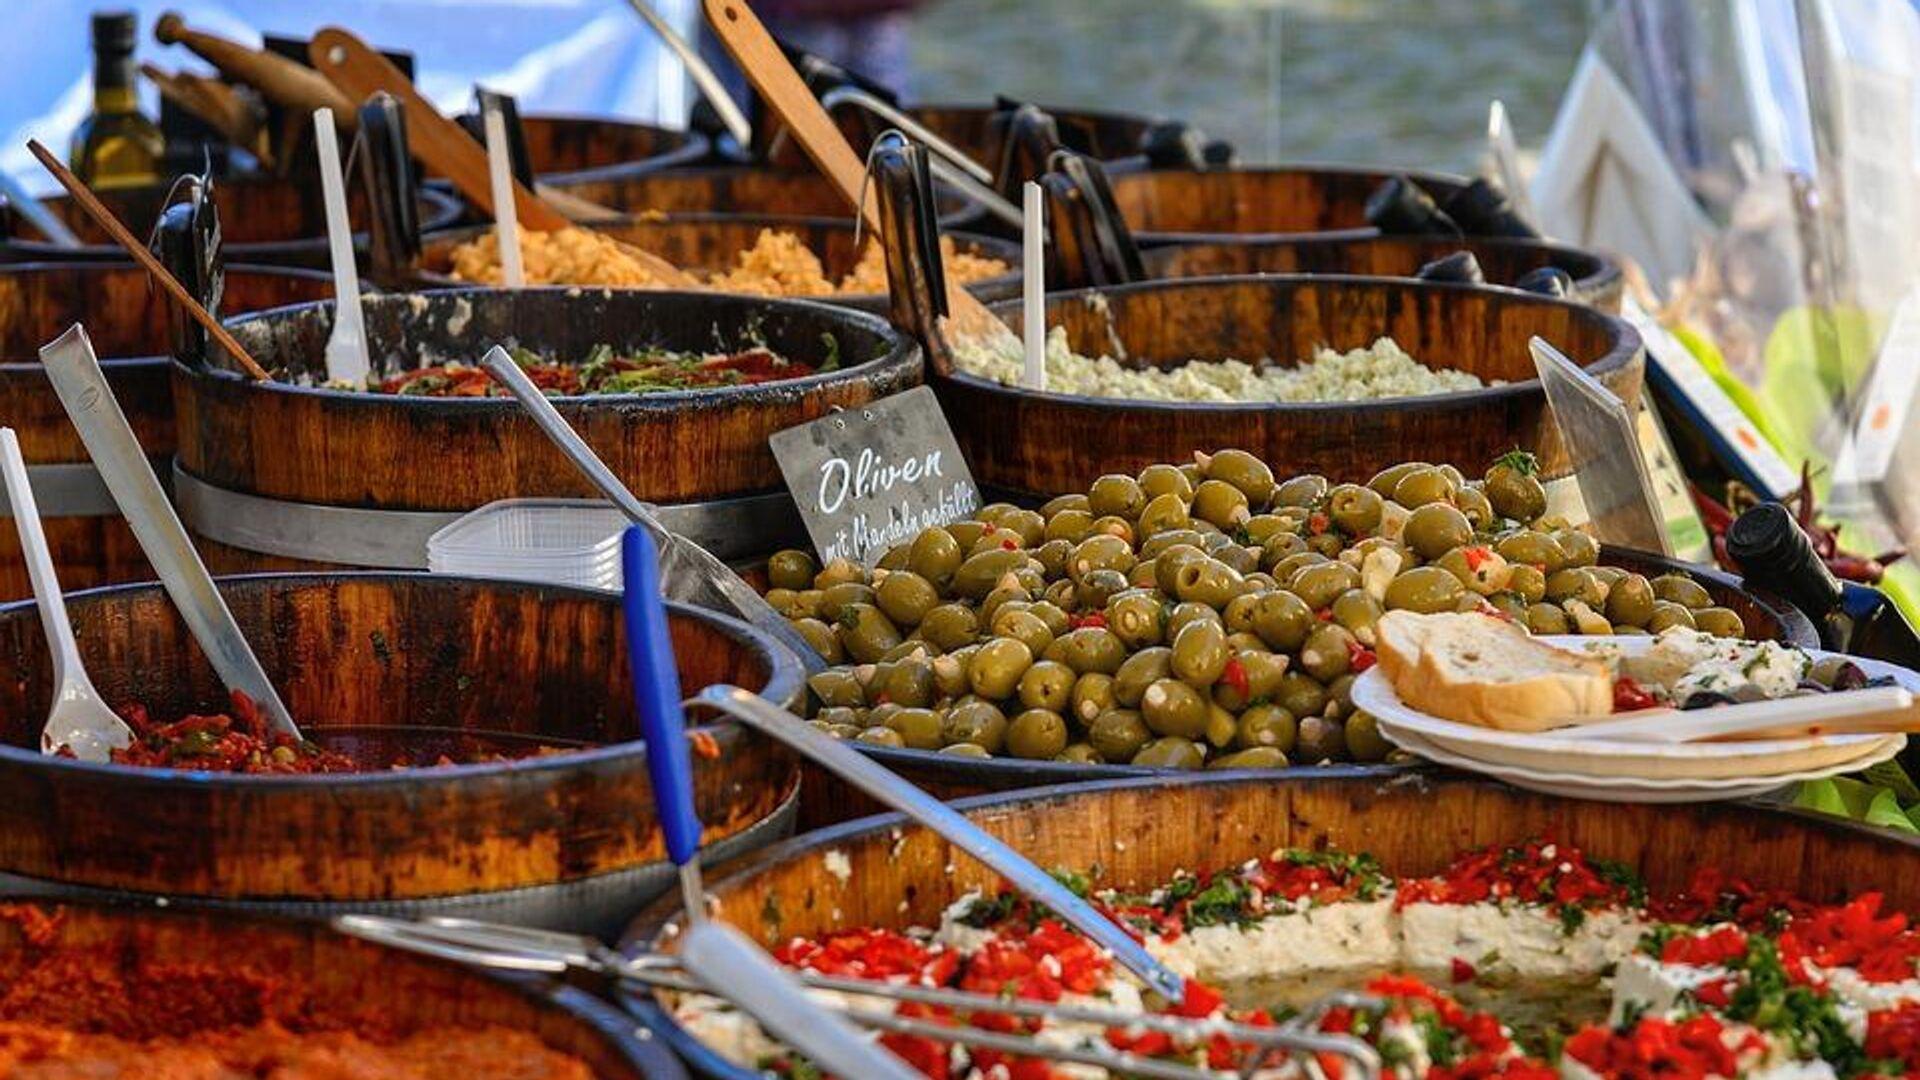 Ελιές και άλλα φαγητά σε stand σε αγορά τροφίμων - Sputnik Ελλάδα, 1920, 06.10.2021